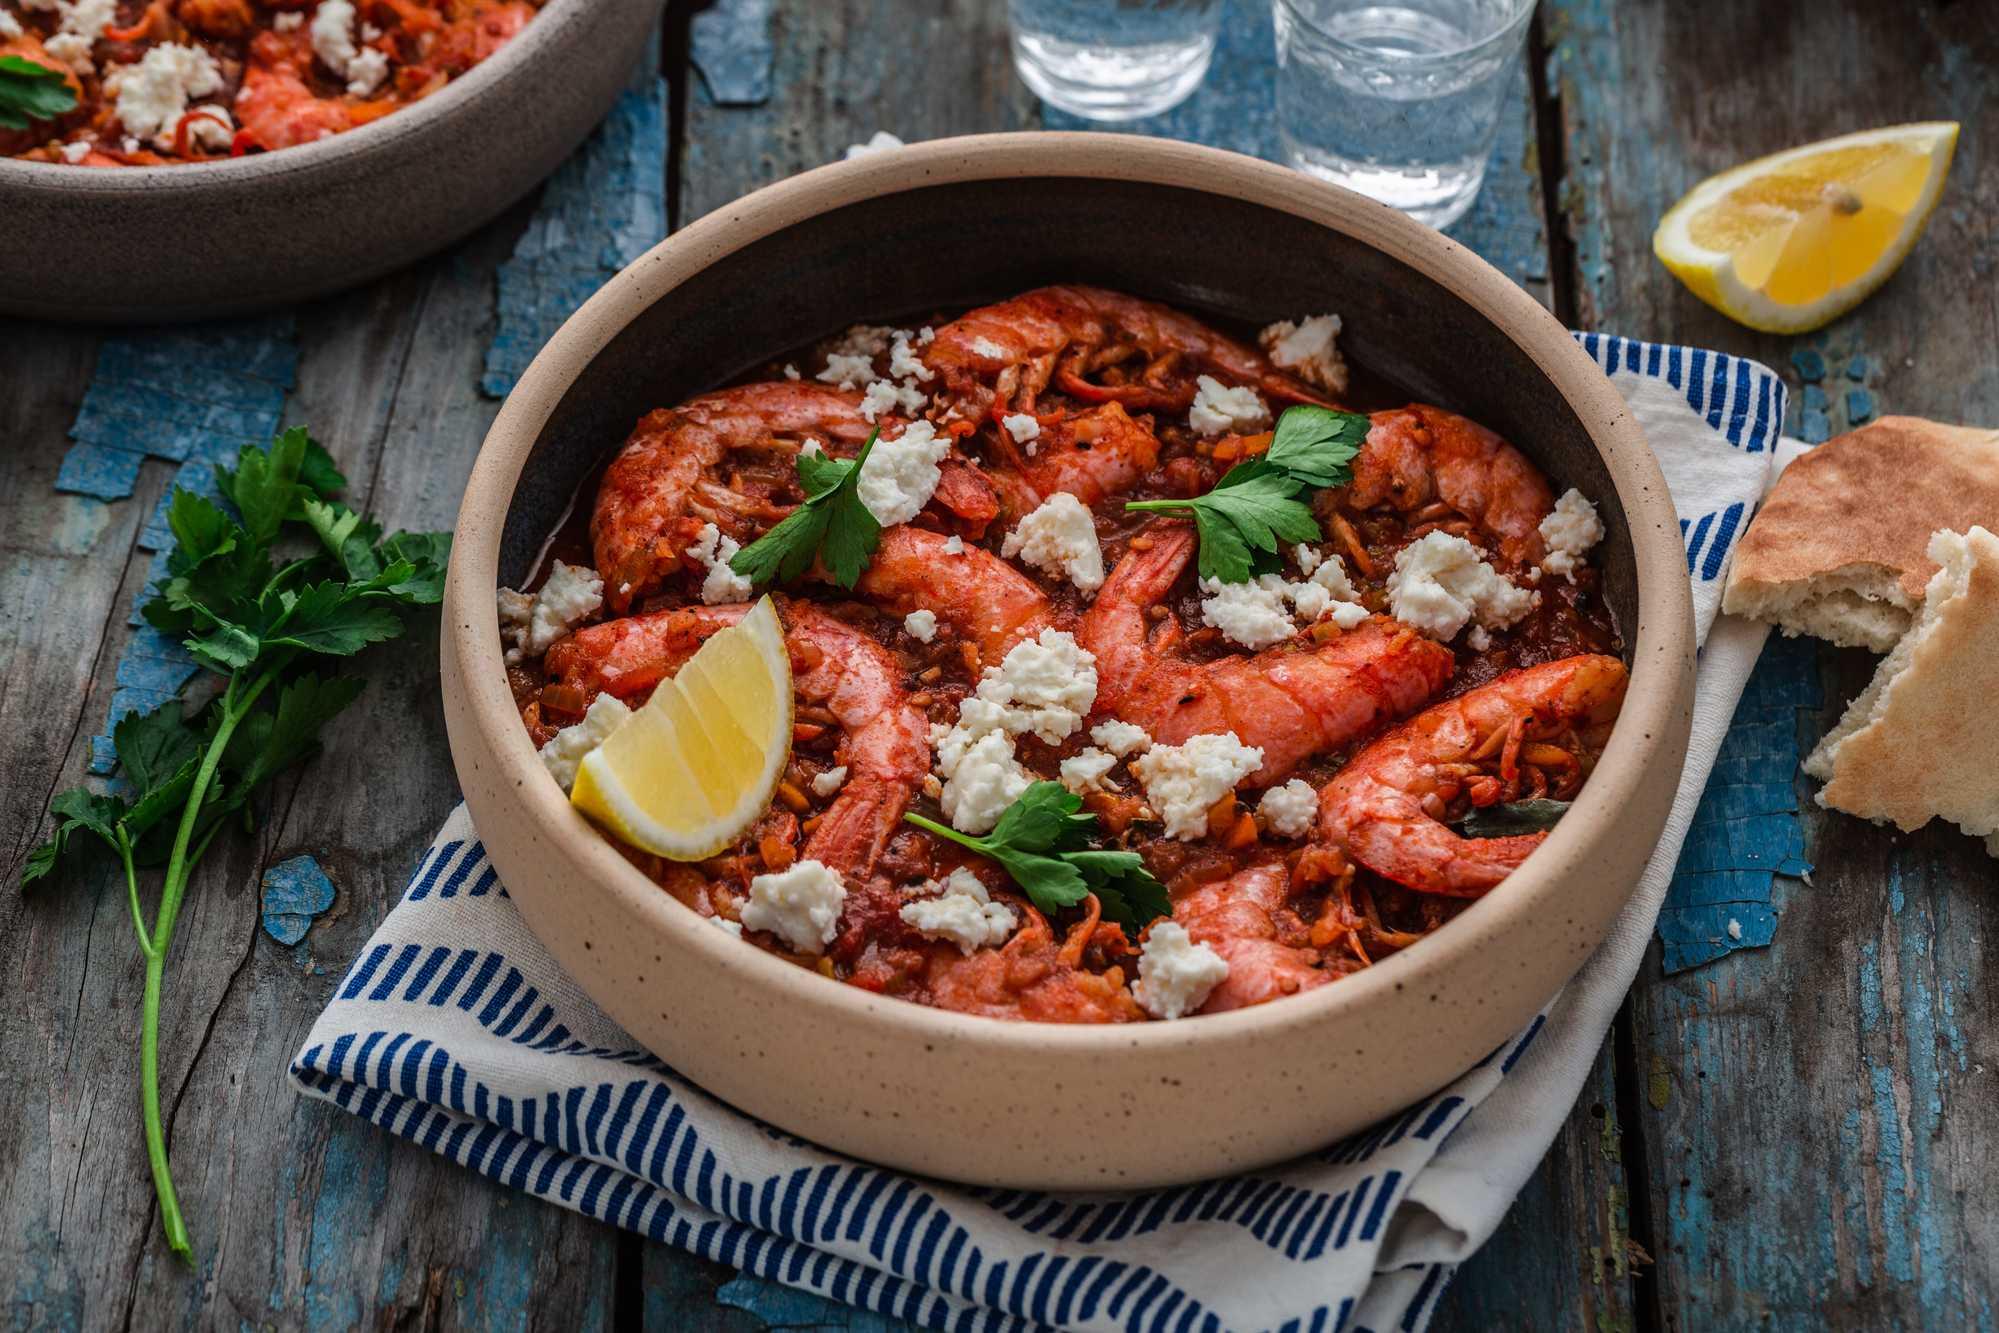 Les crevettes bien rouges sont présentées dans un large plat rond en terre cuite. Du persil et un quartier de citron jaune complètent l'ensemble.